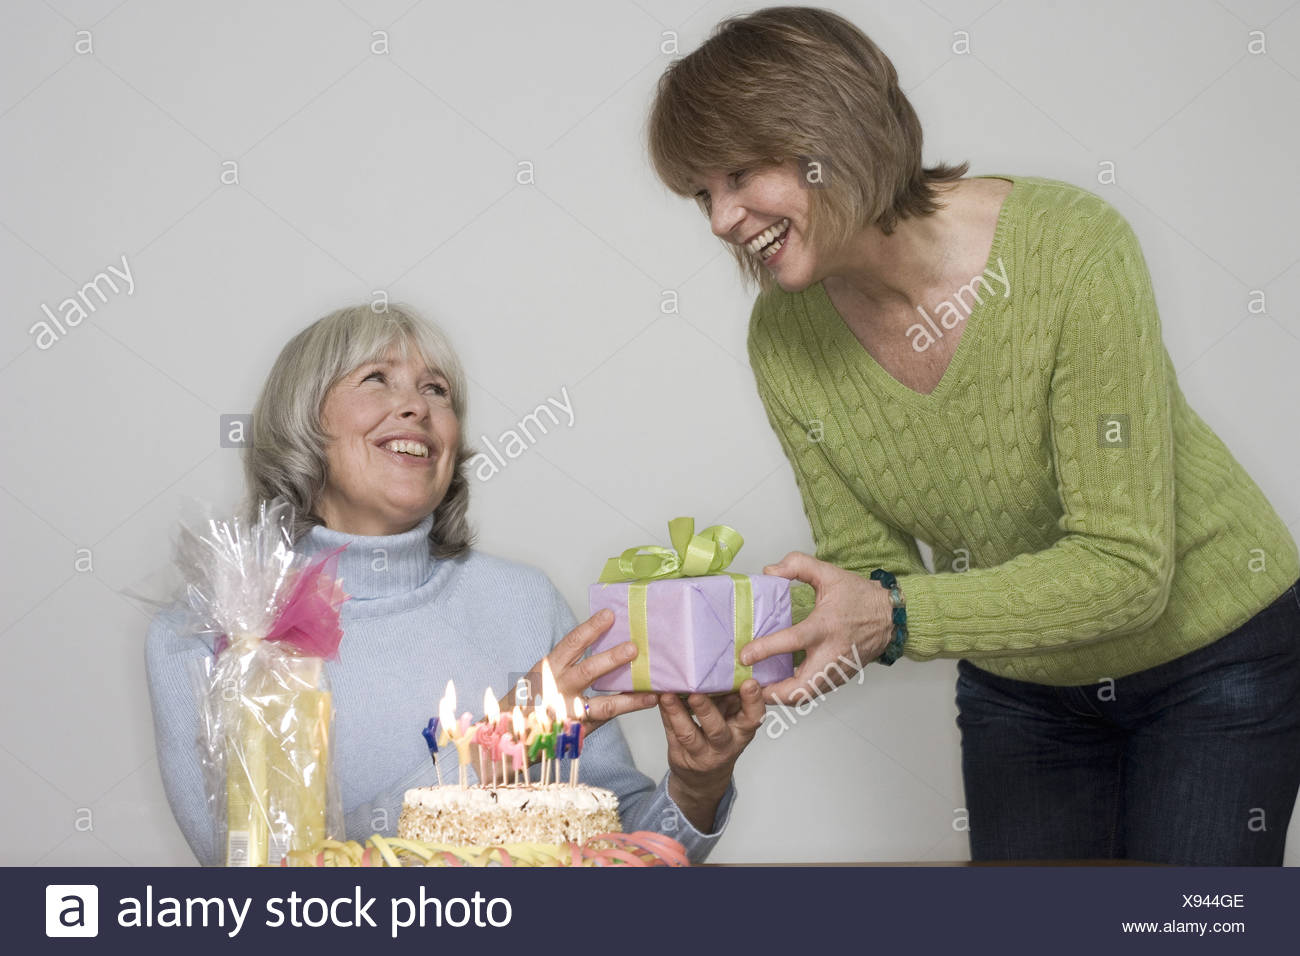 Senior Geburtstagsgeschenk Frau Frohlich Detail Serie Menschen Geben Senioren Frauen Freunde Freundschaft Geburtstagsgeschenke Geburtstag Kuchen Stockfoto